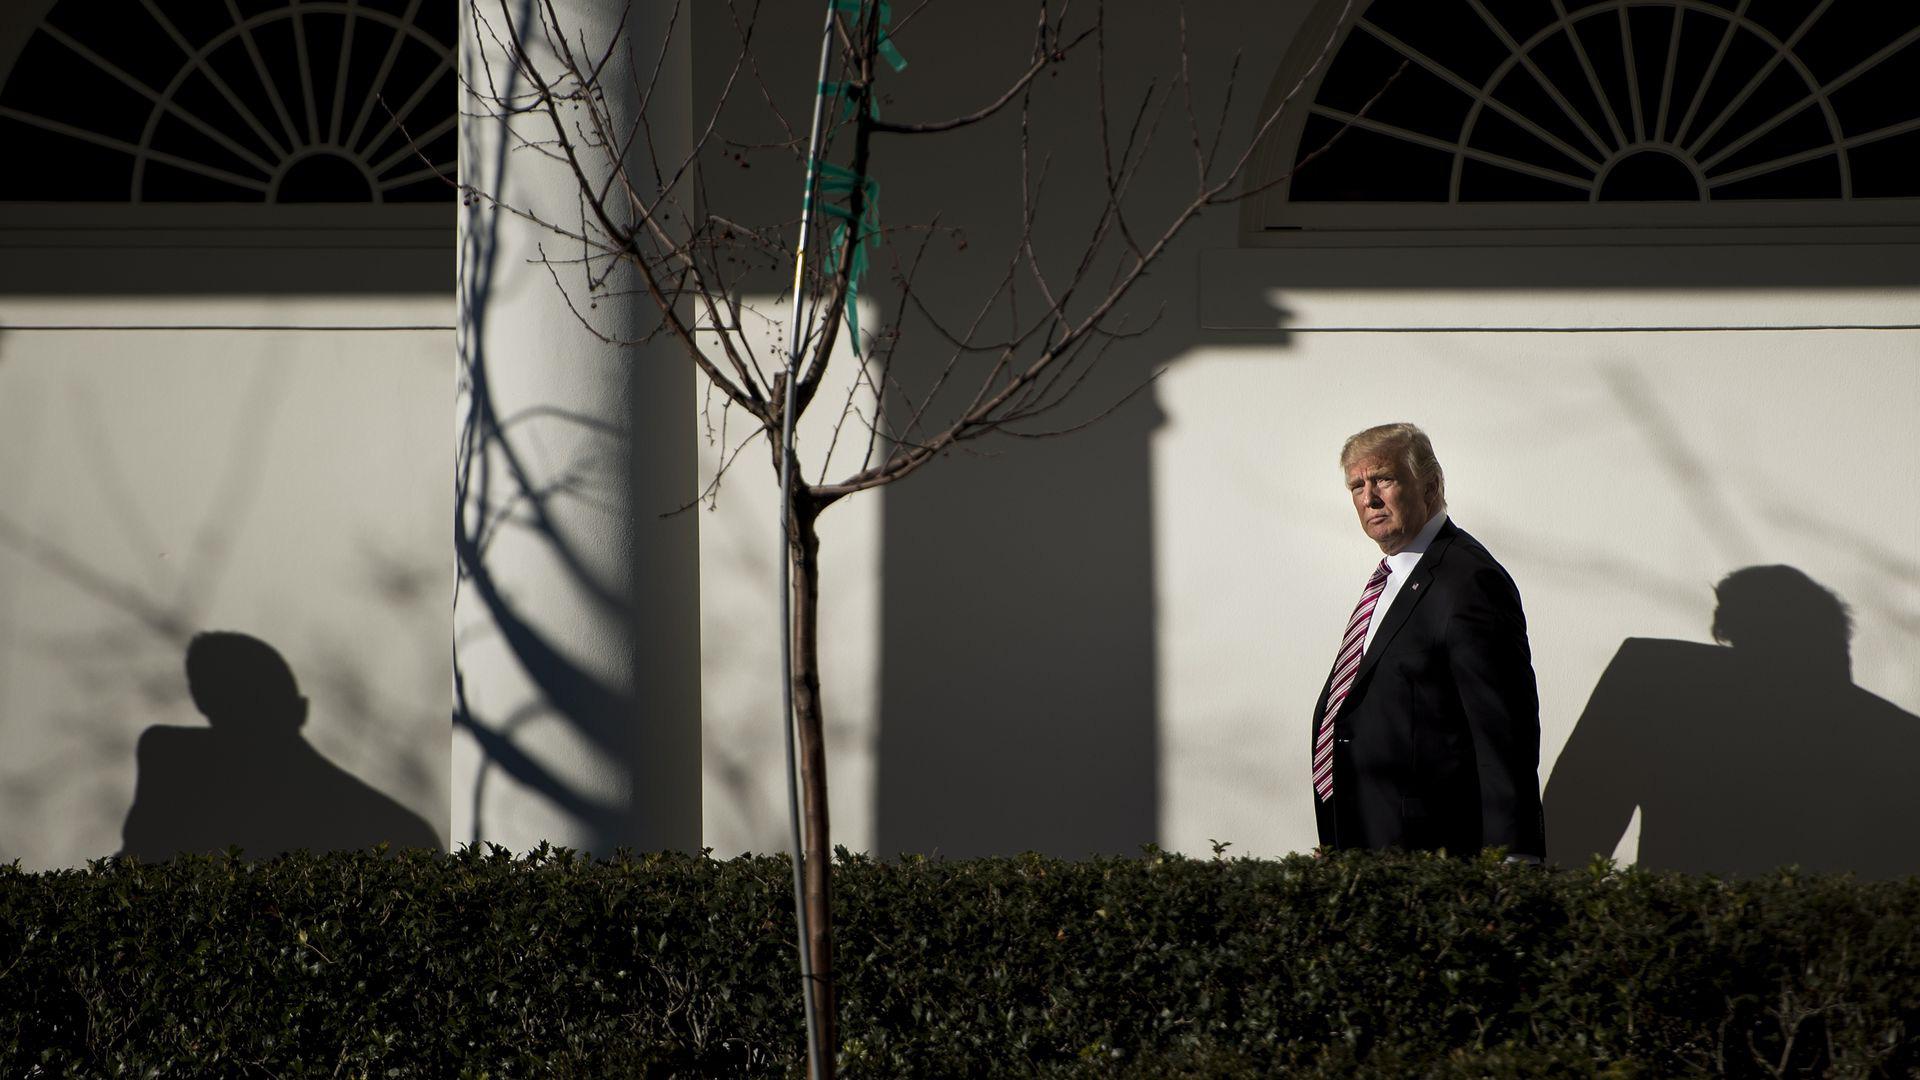 Trump đối mặt với cuộc chiến pháp lý đáng sợ sau khi ông rời Nhà Trắng - Ảnh 1.